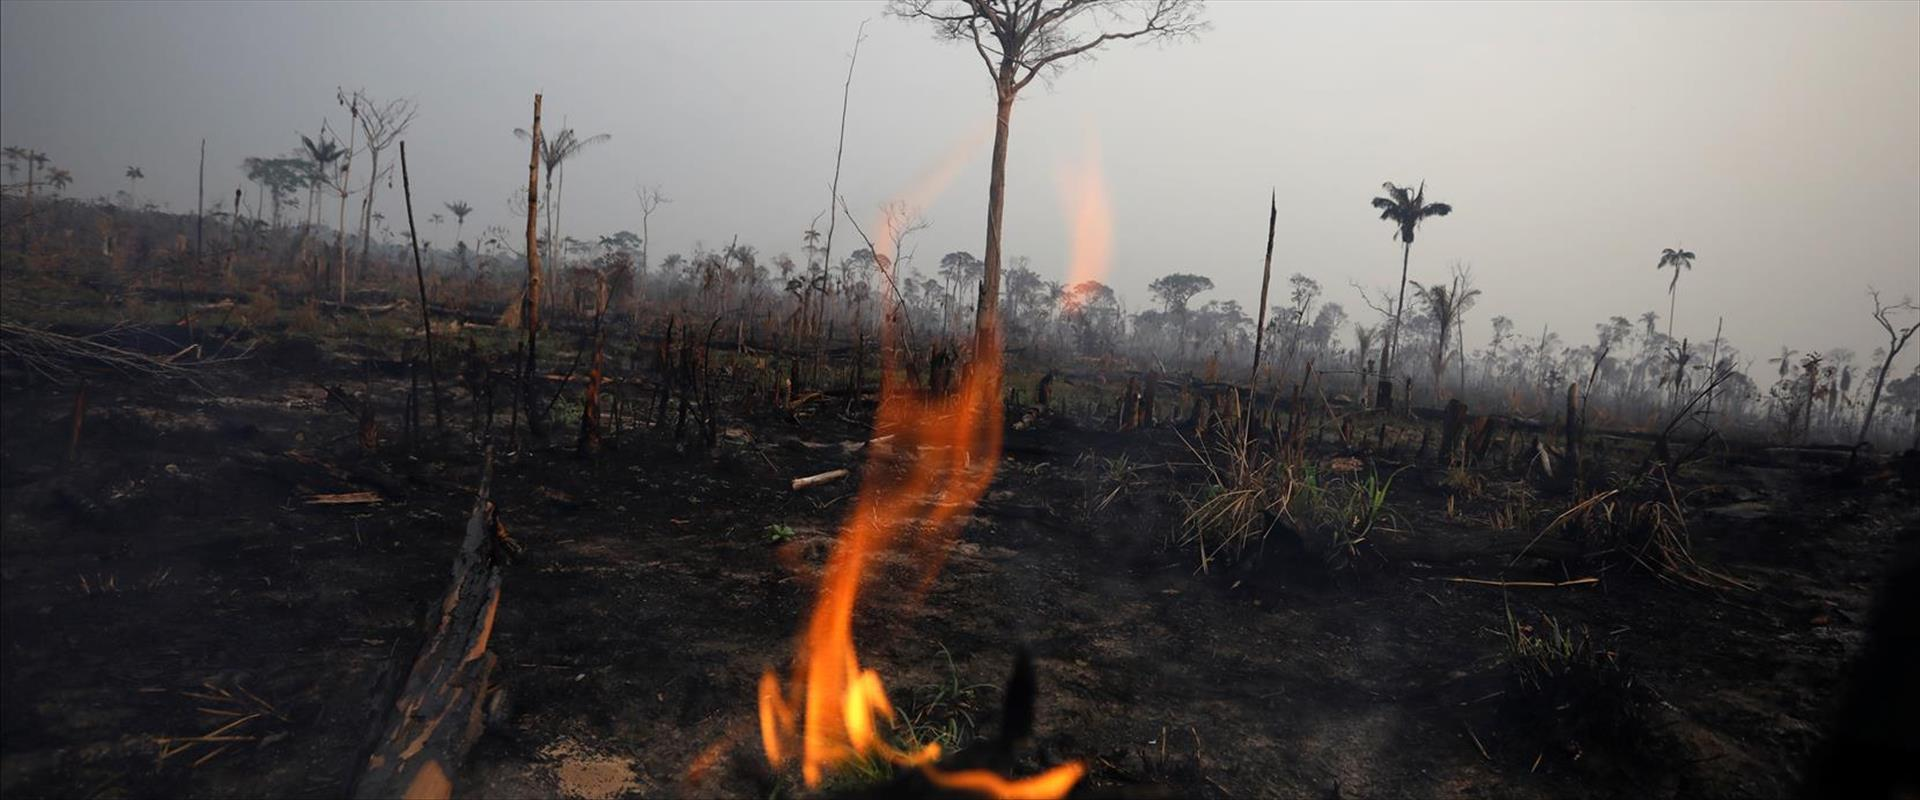 השריפות באמזונס, השבוע